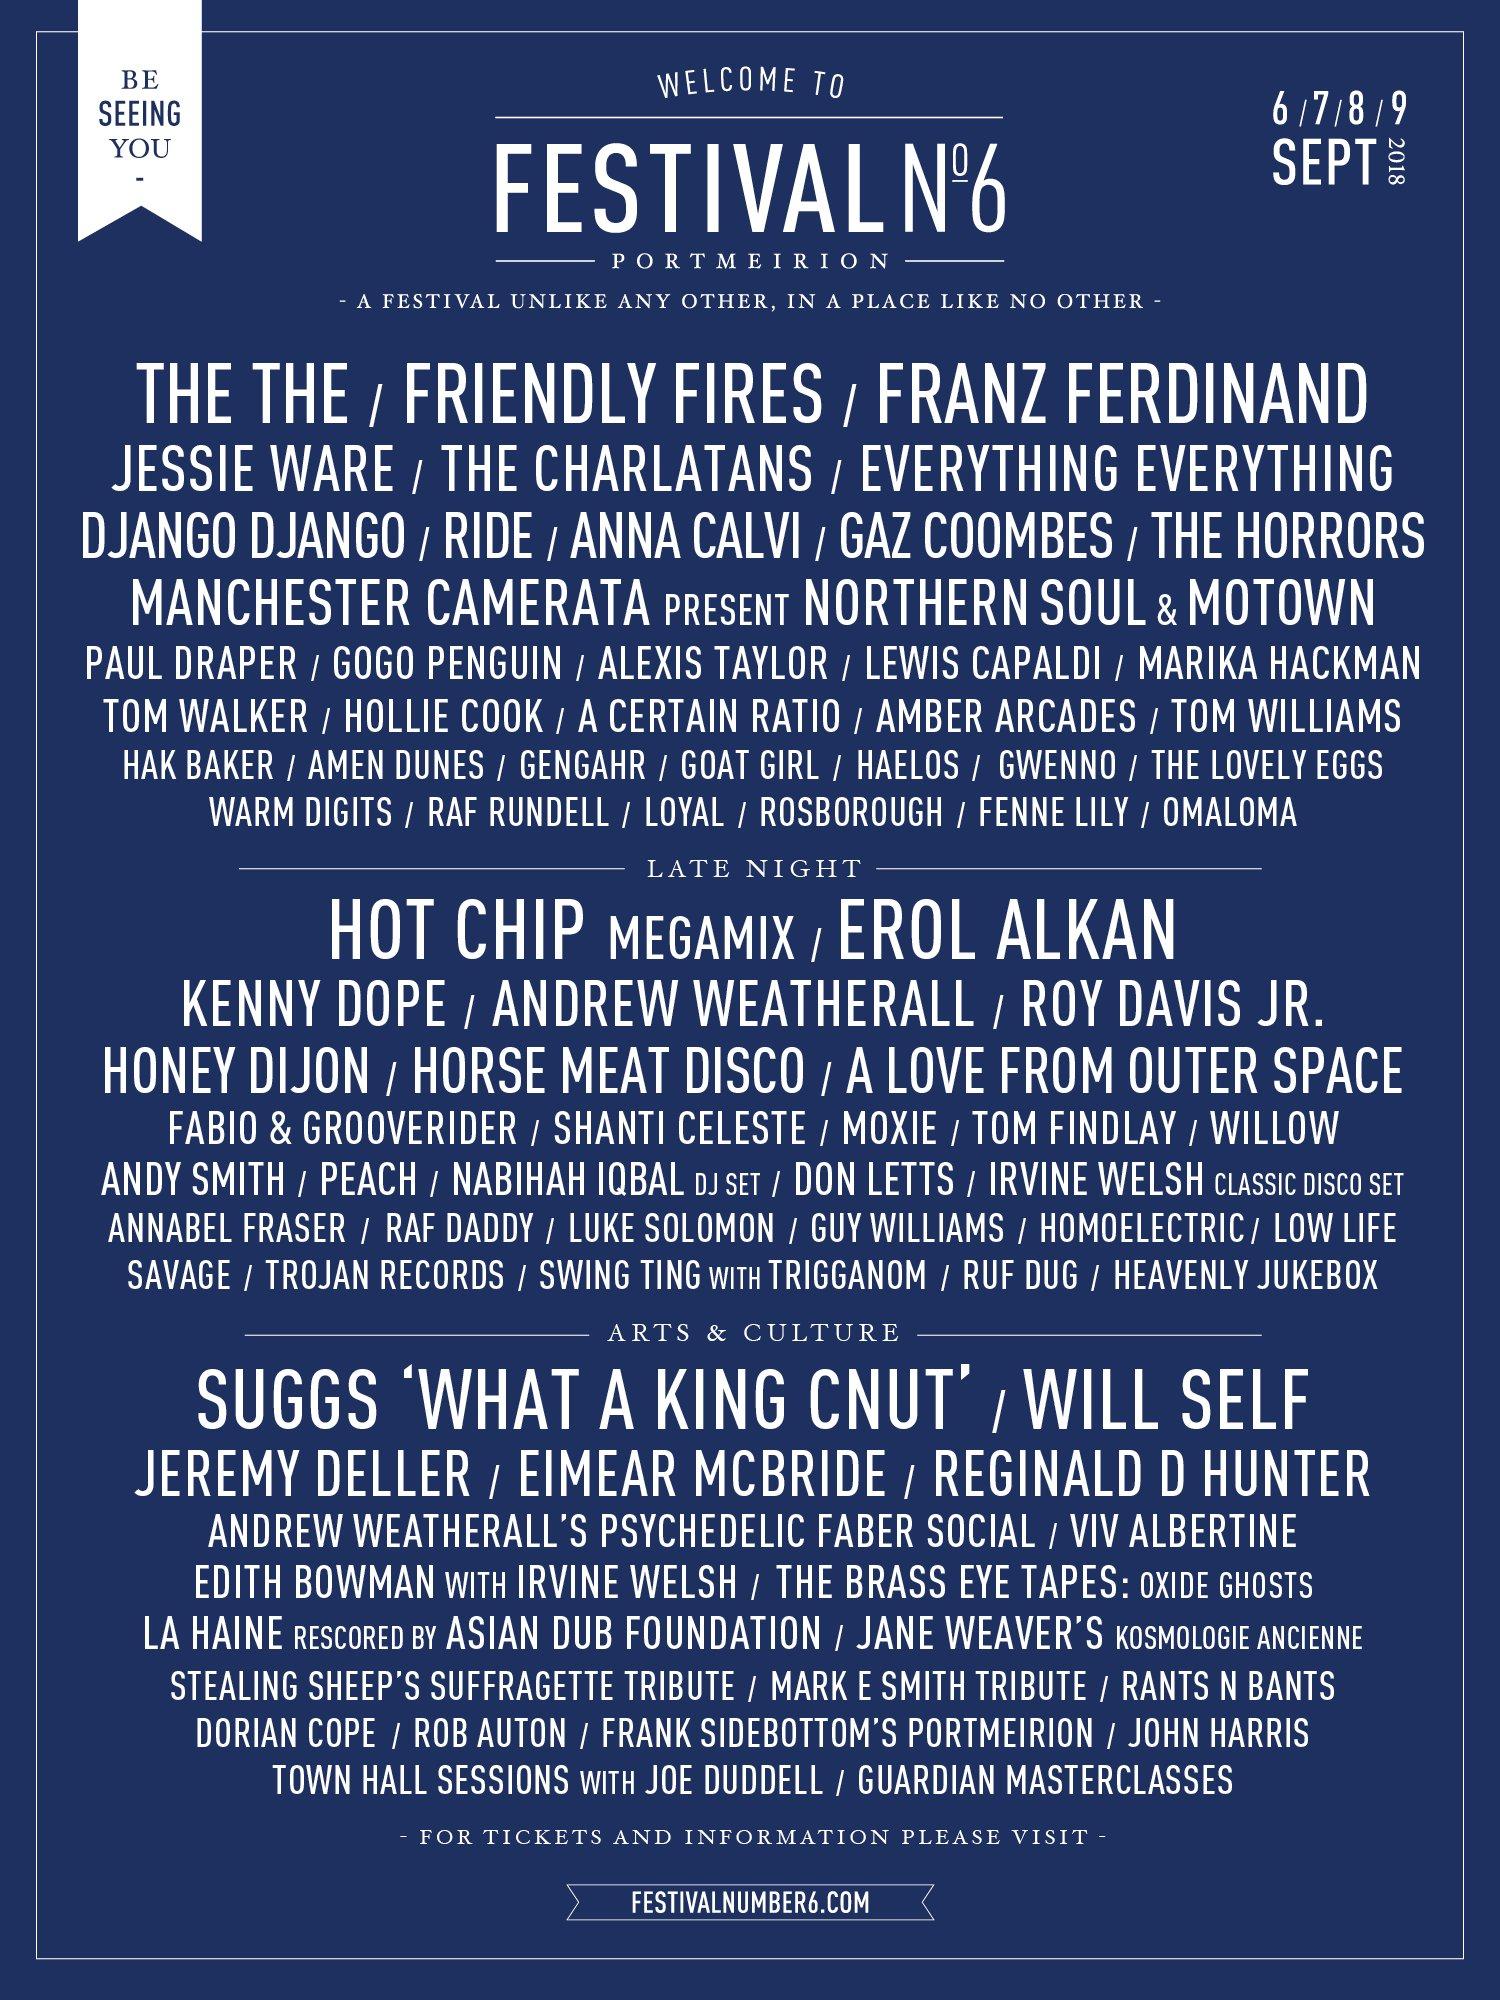 Festival No.6 2018 line up